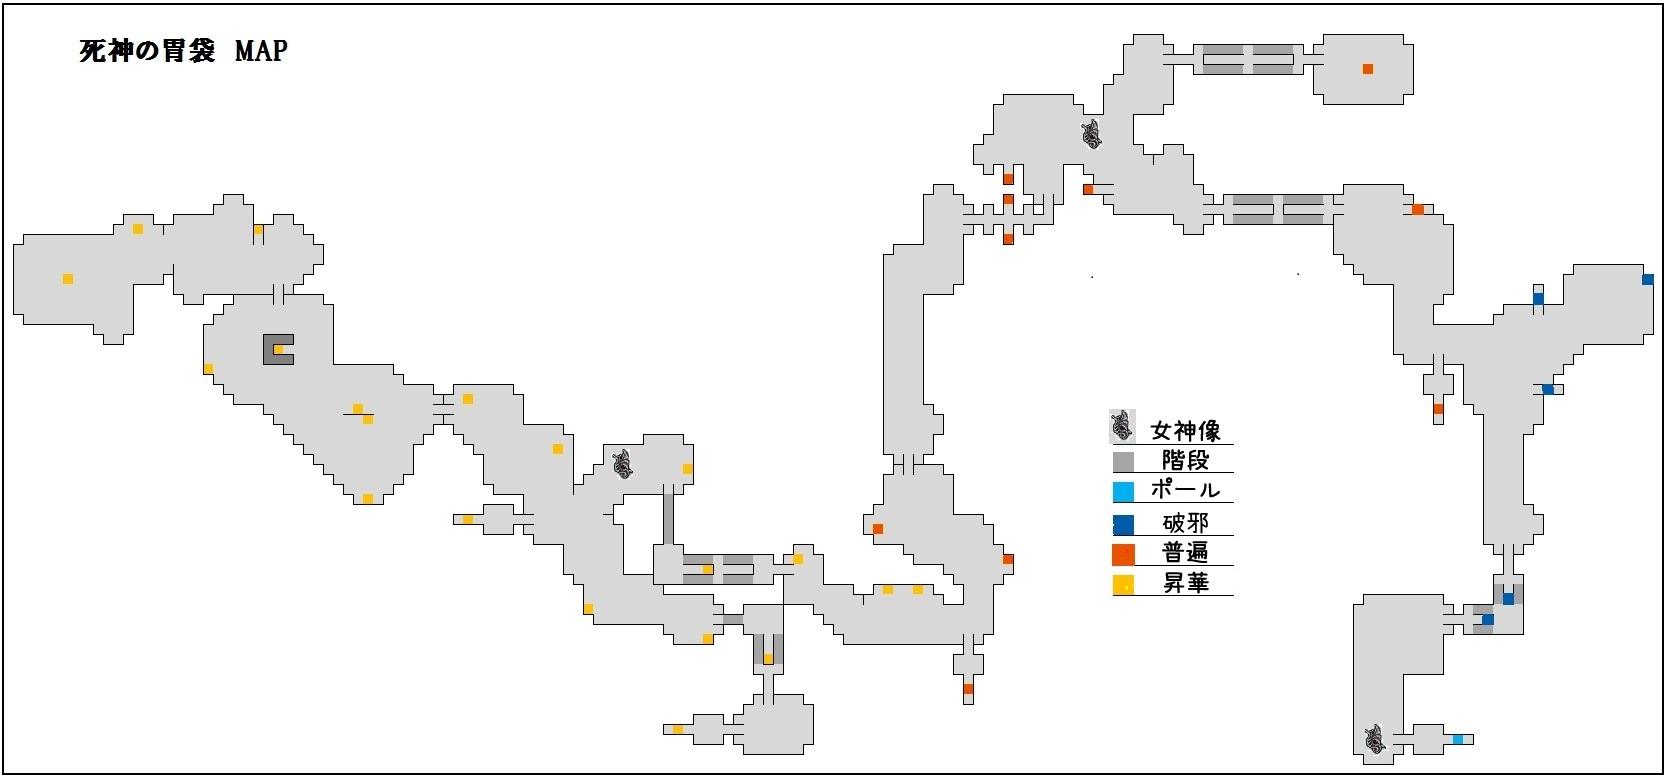 夏の精霊祭MAP